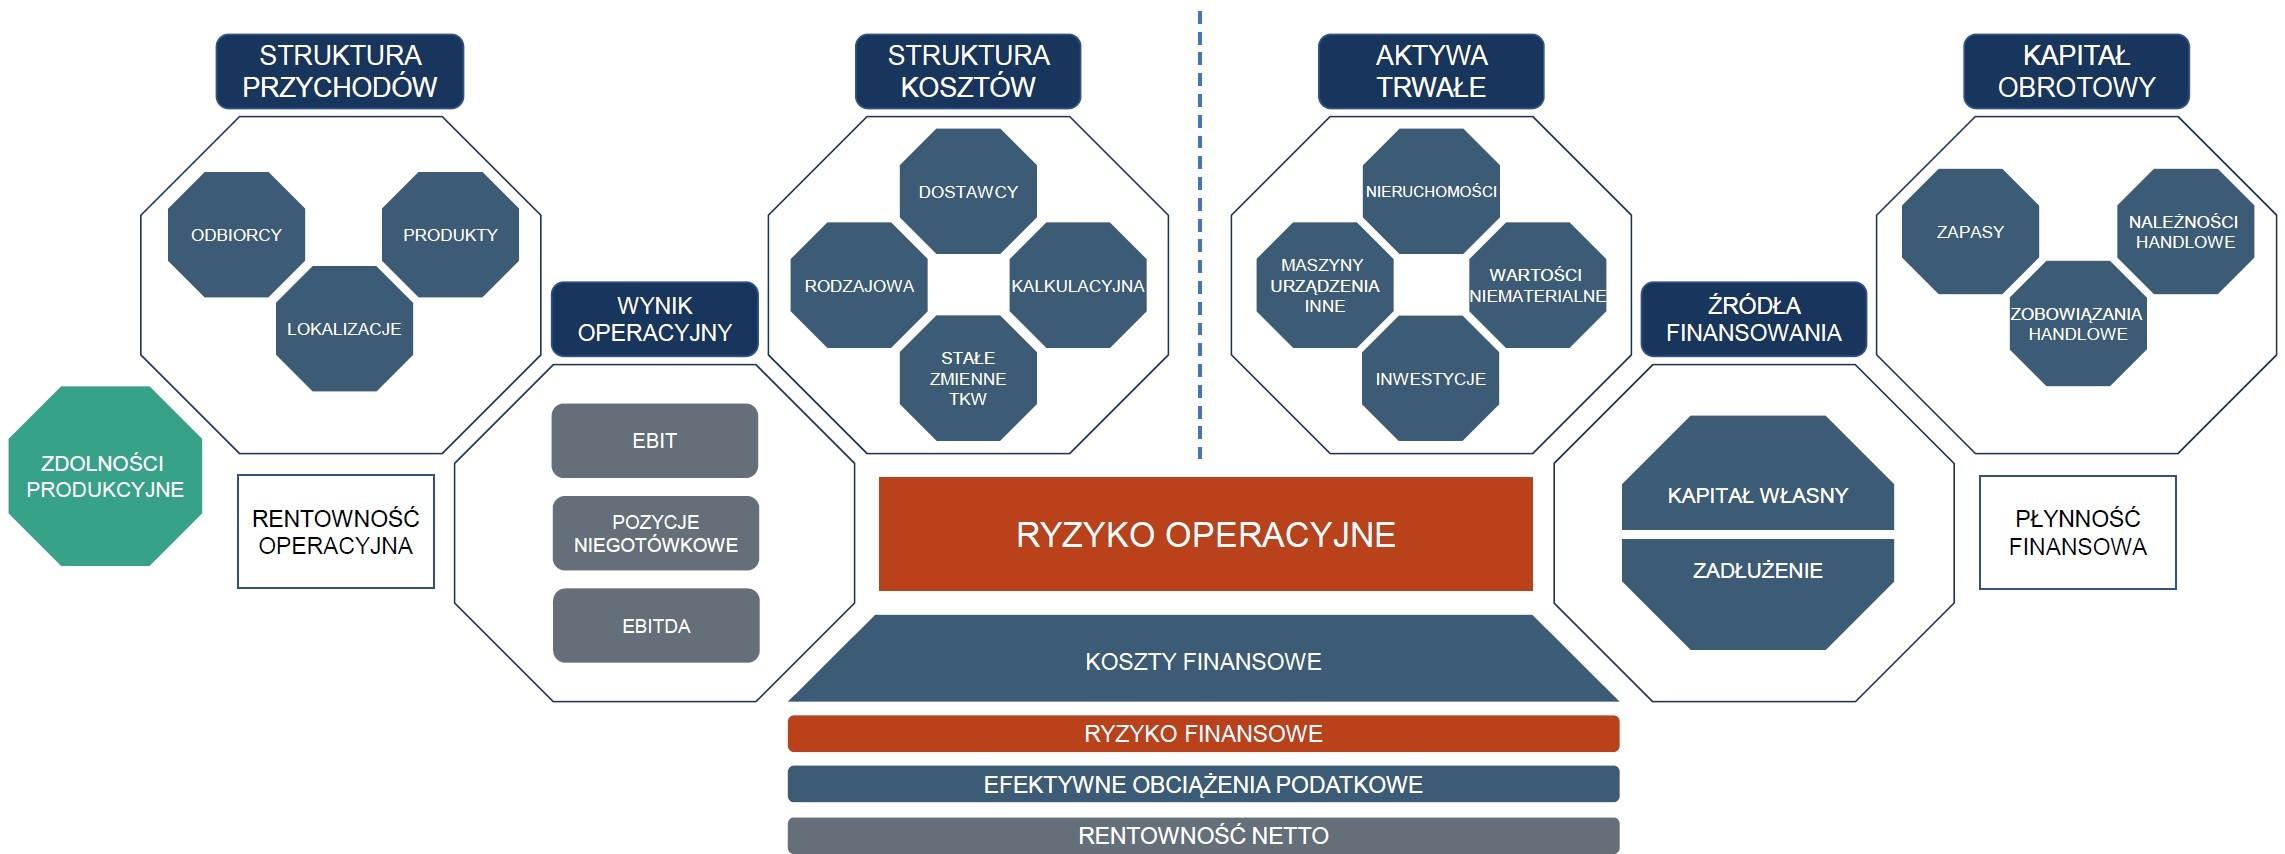 due dieligence finansowe schemat, obszary due diligence finansowego; zakres due diligence finansowego;